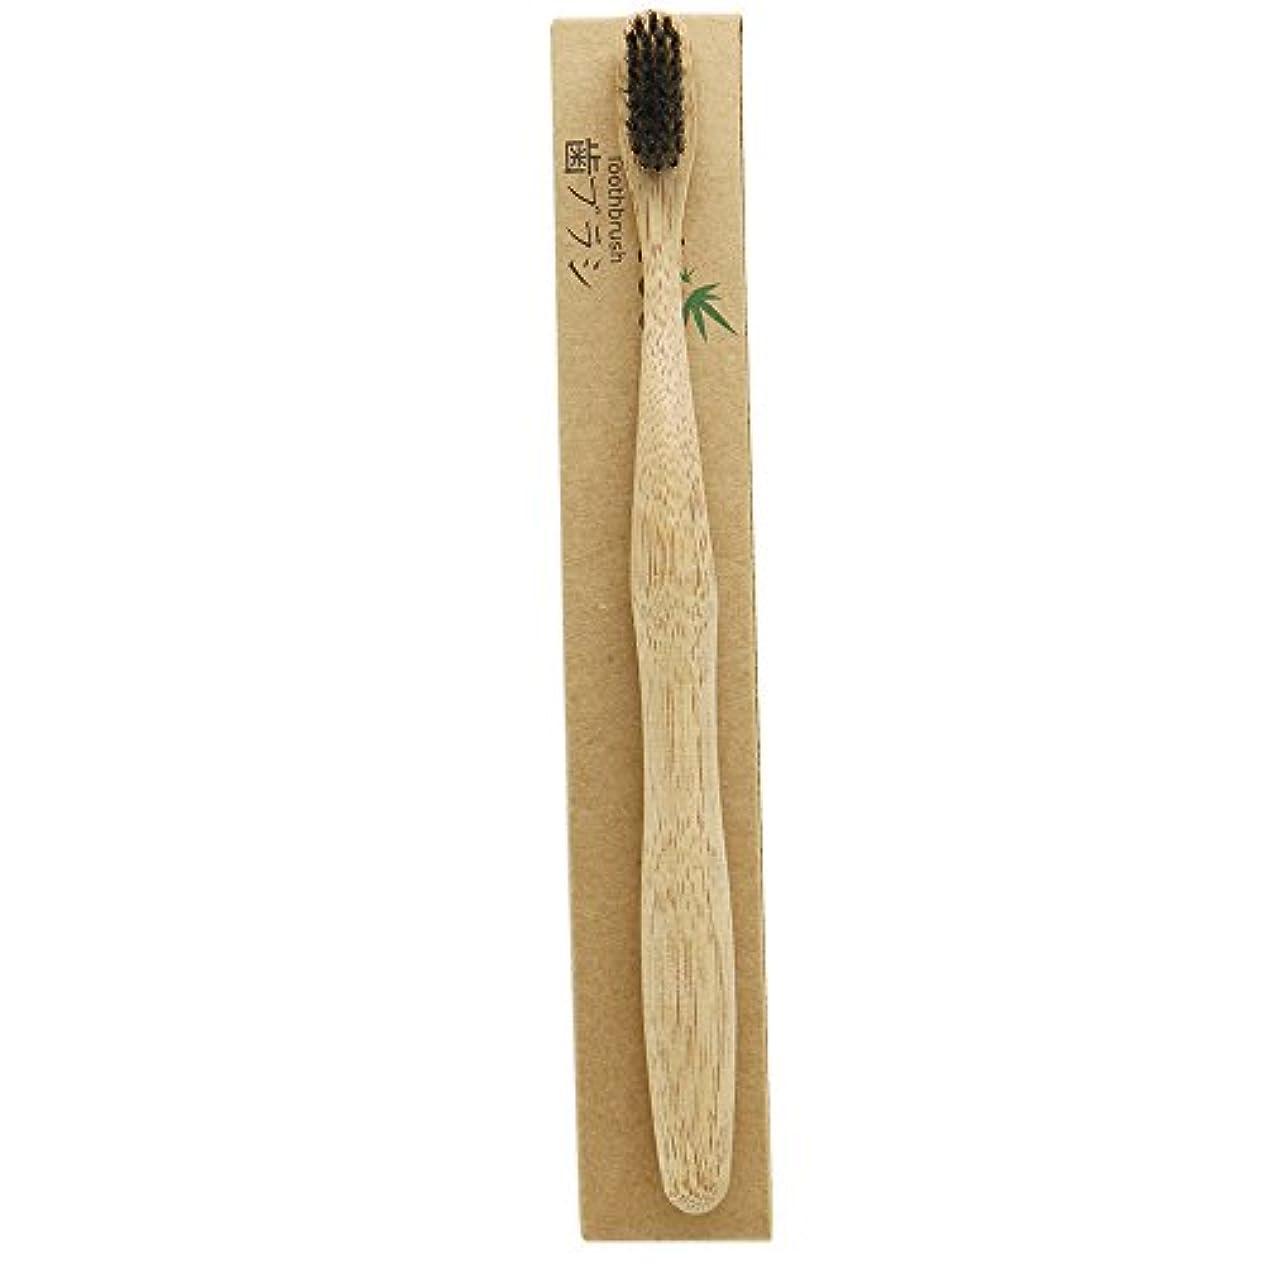 ゆるいダーツリングN-amboo 竹製耐久度高い 歯ブラシ 1本入り 黒い ハンドル大きい